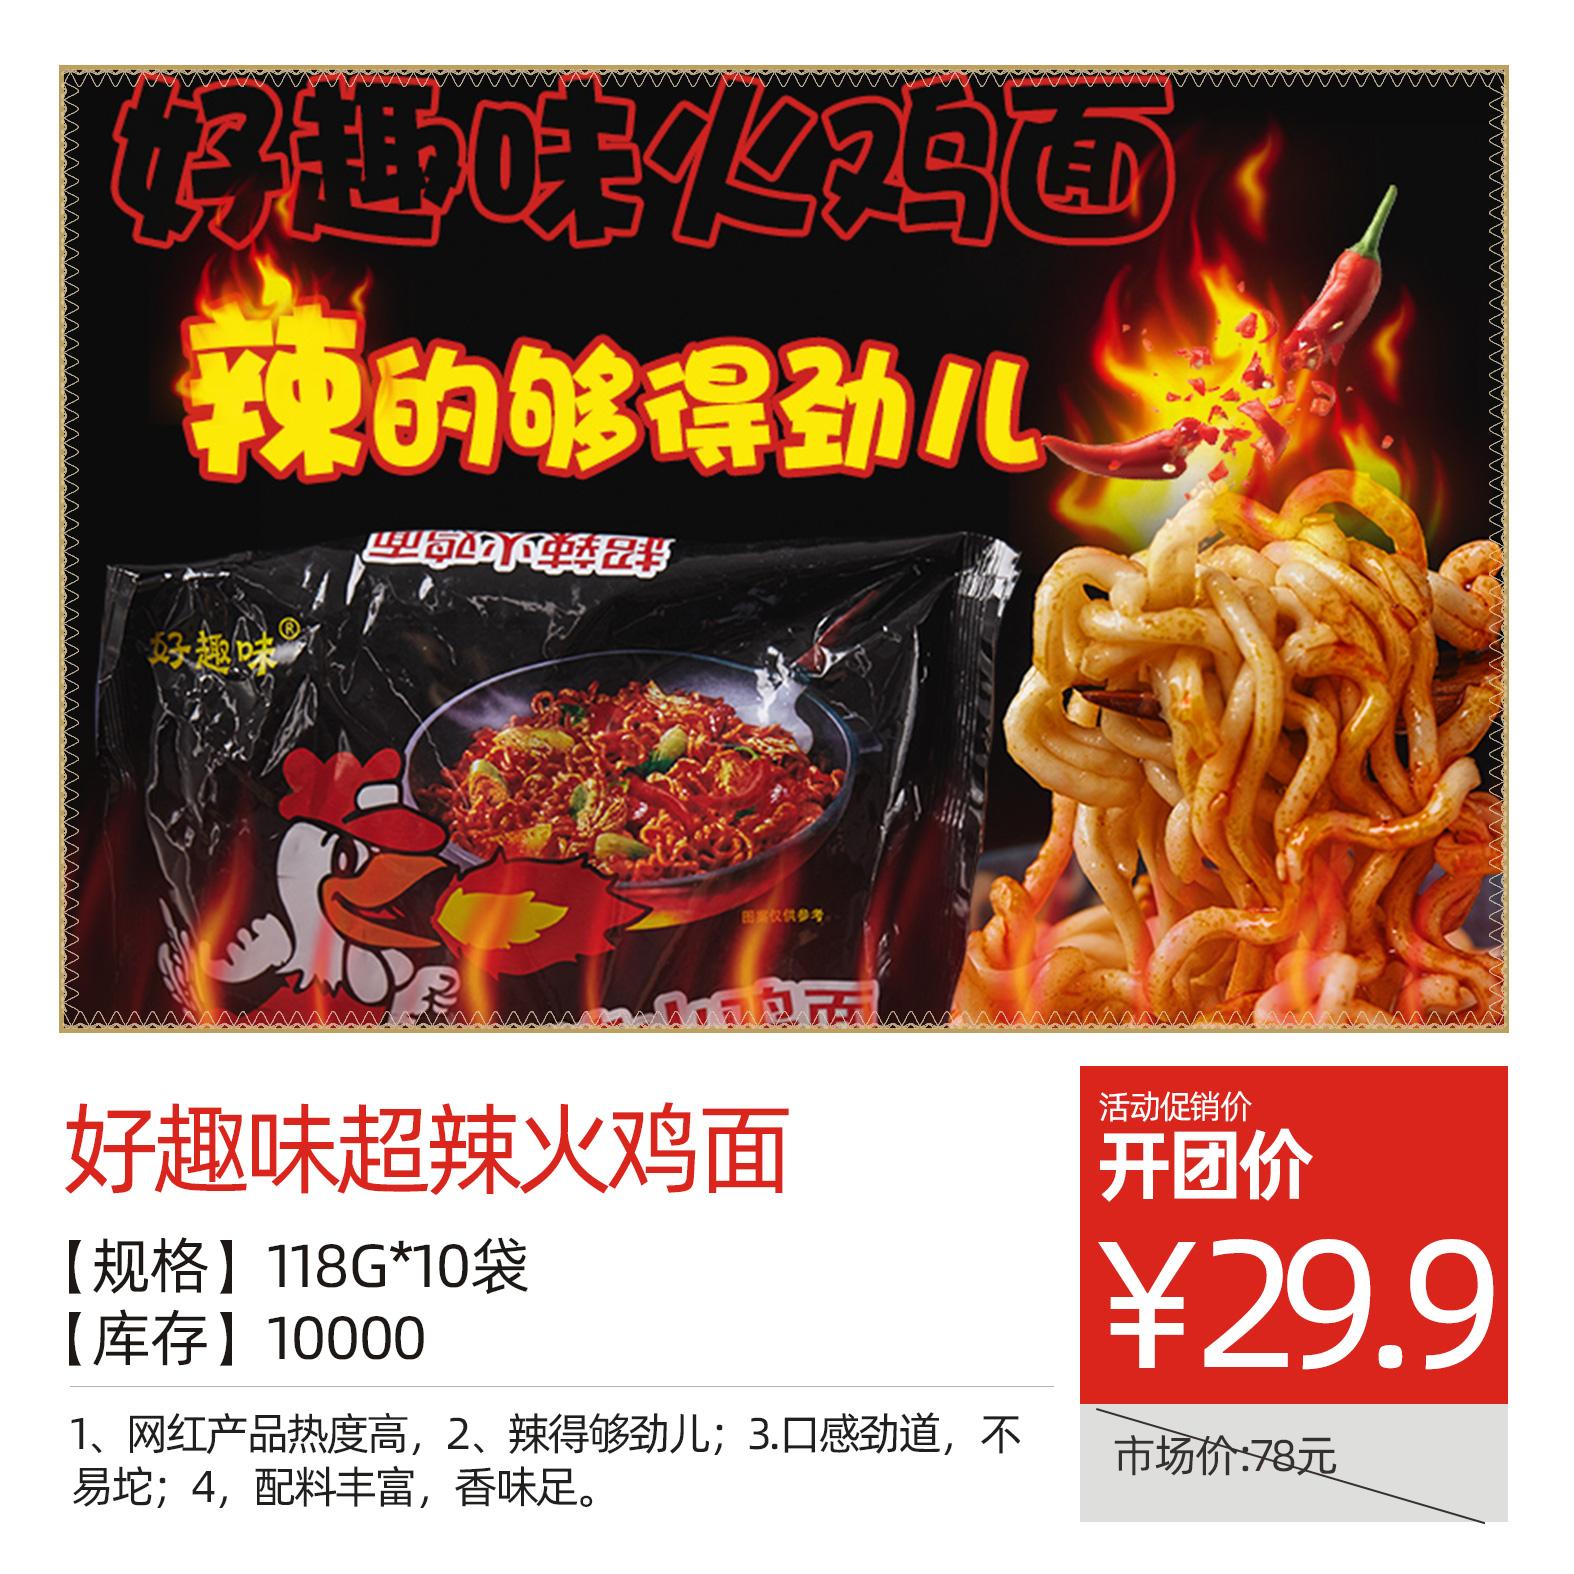 好趣味超辣火鸡面118g*10袋